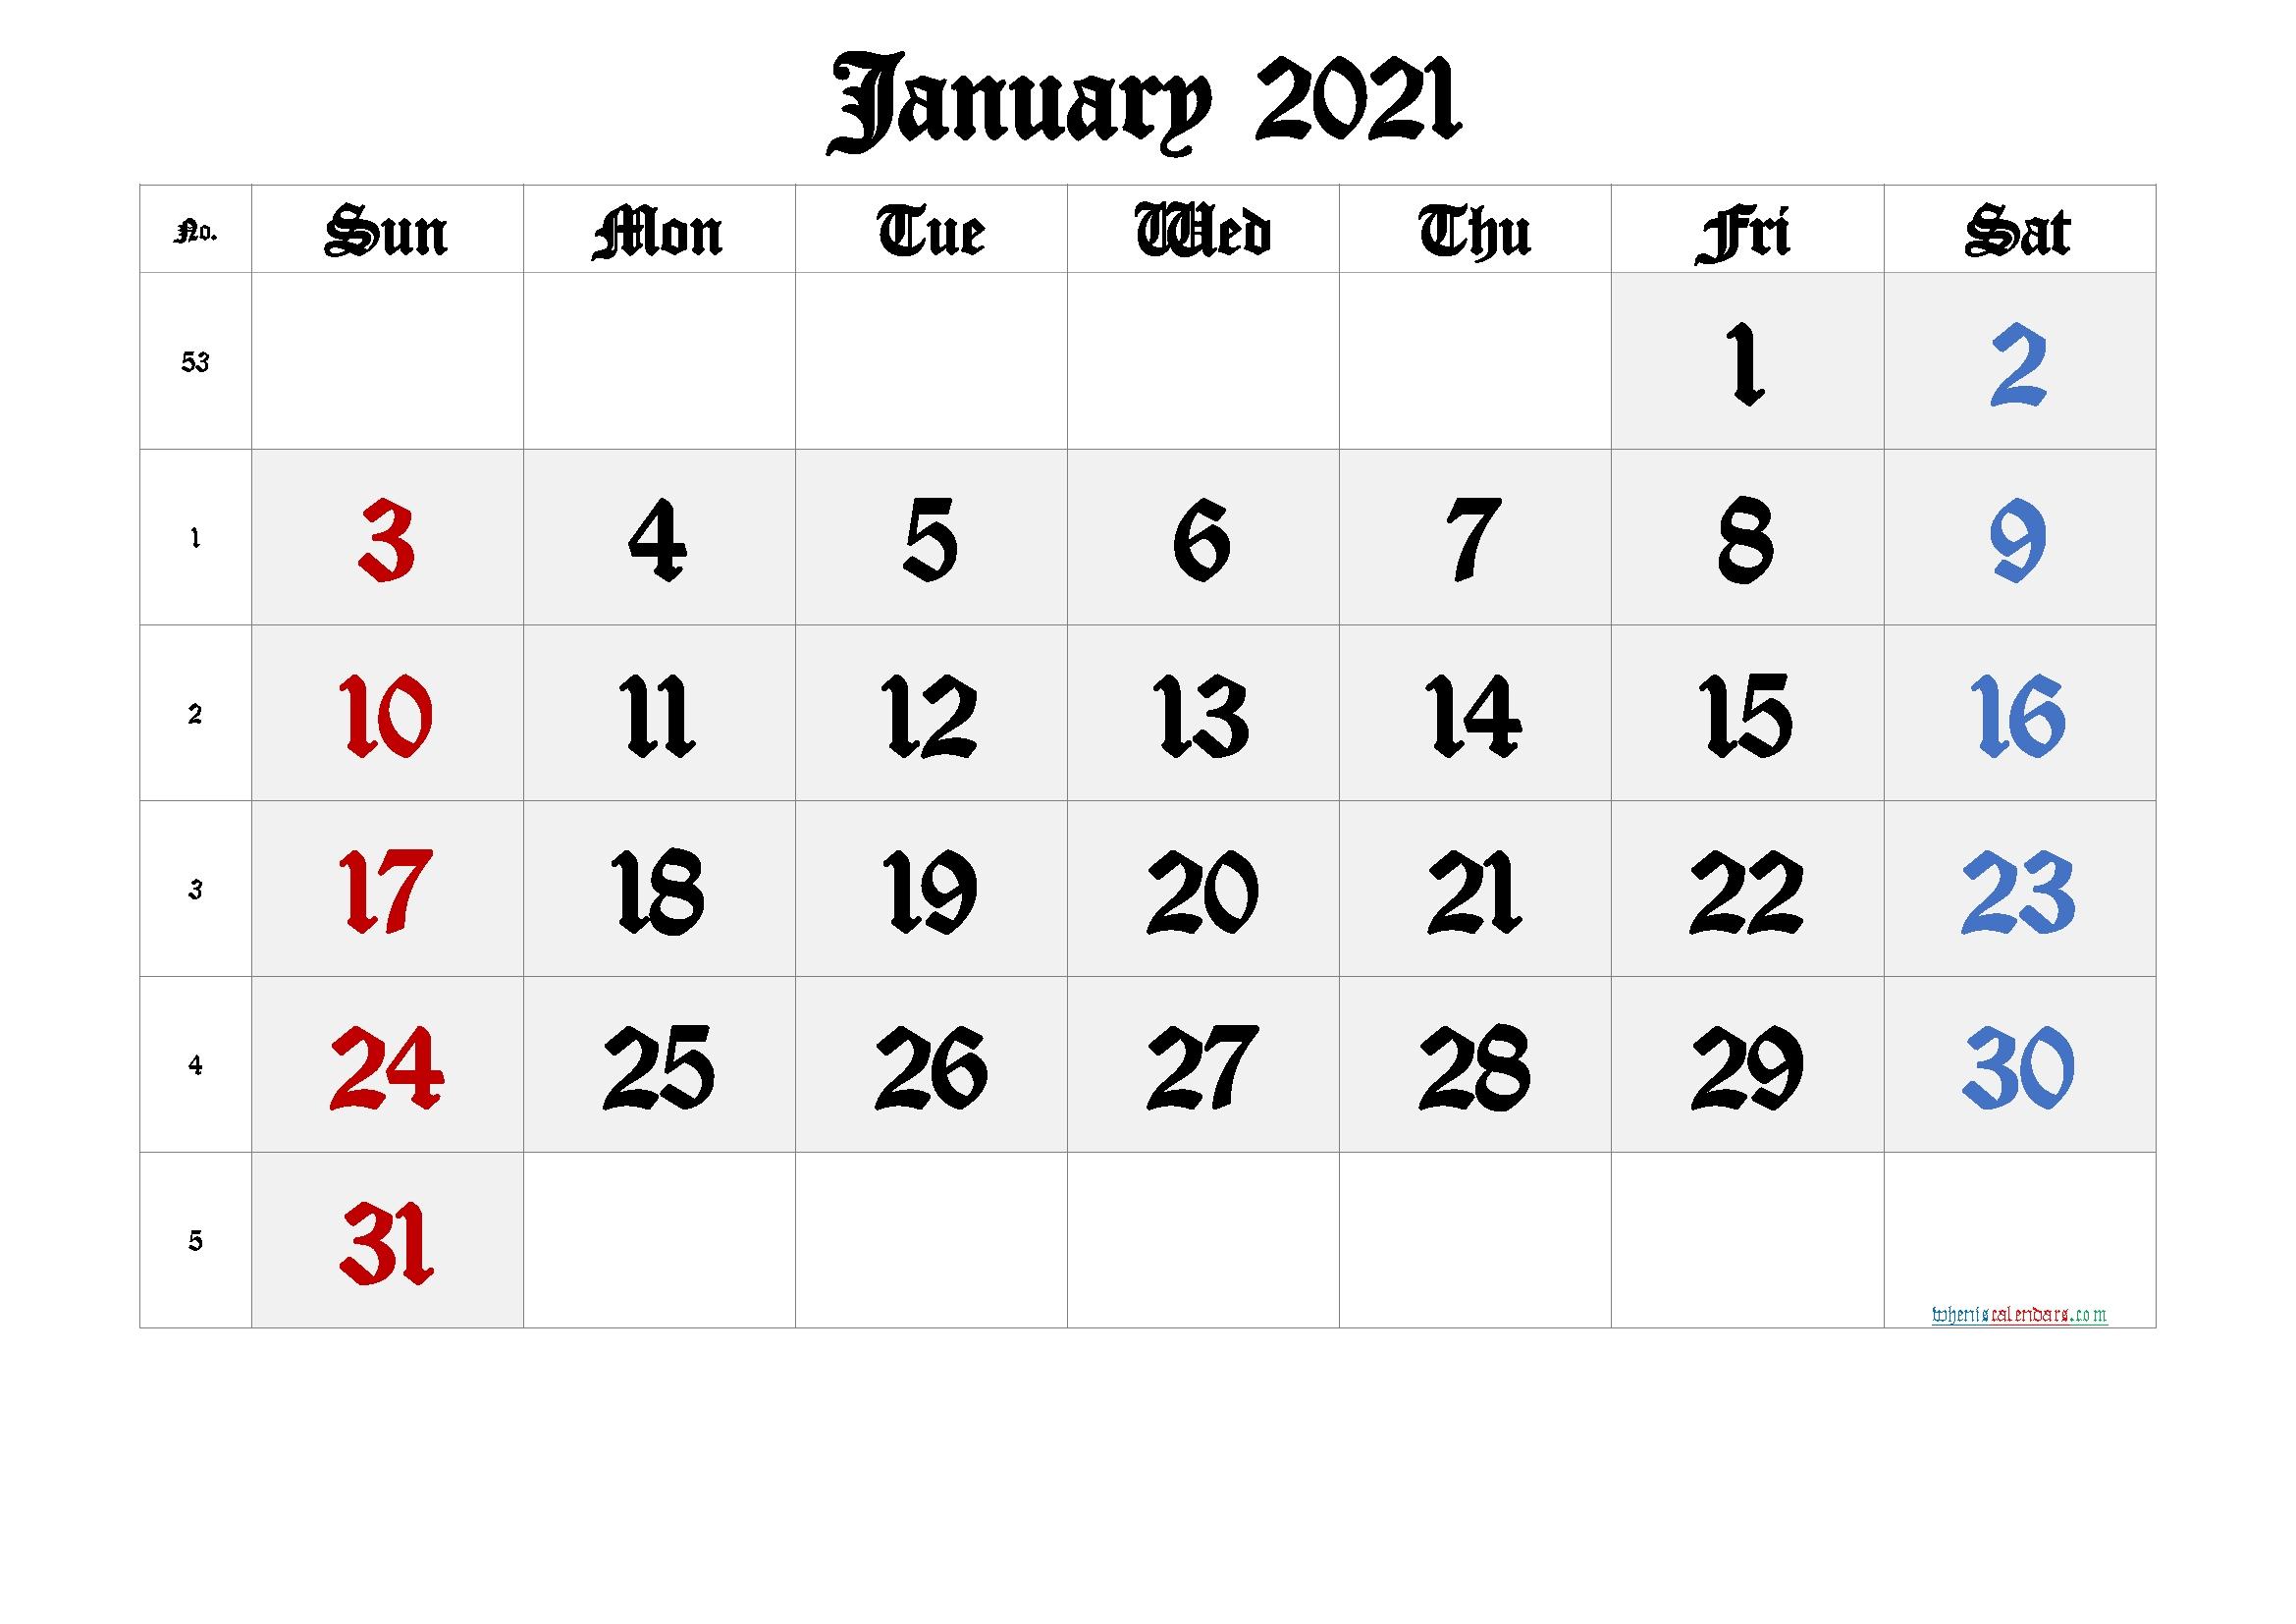 January 2021 Printable Calendar With Week Numbers [Free Premium]